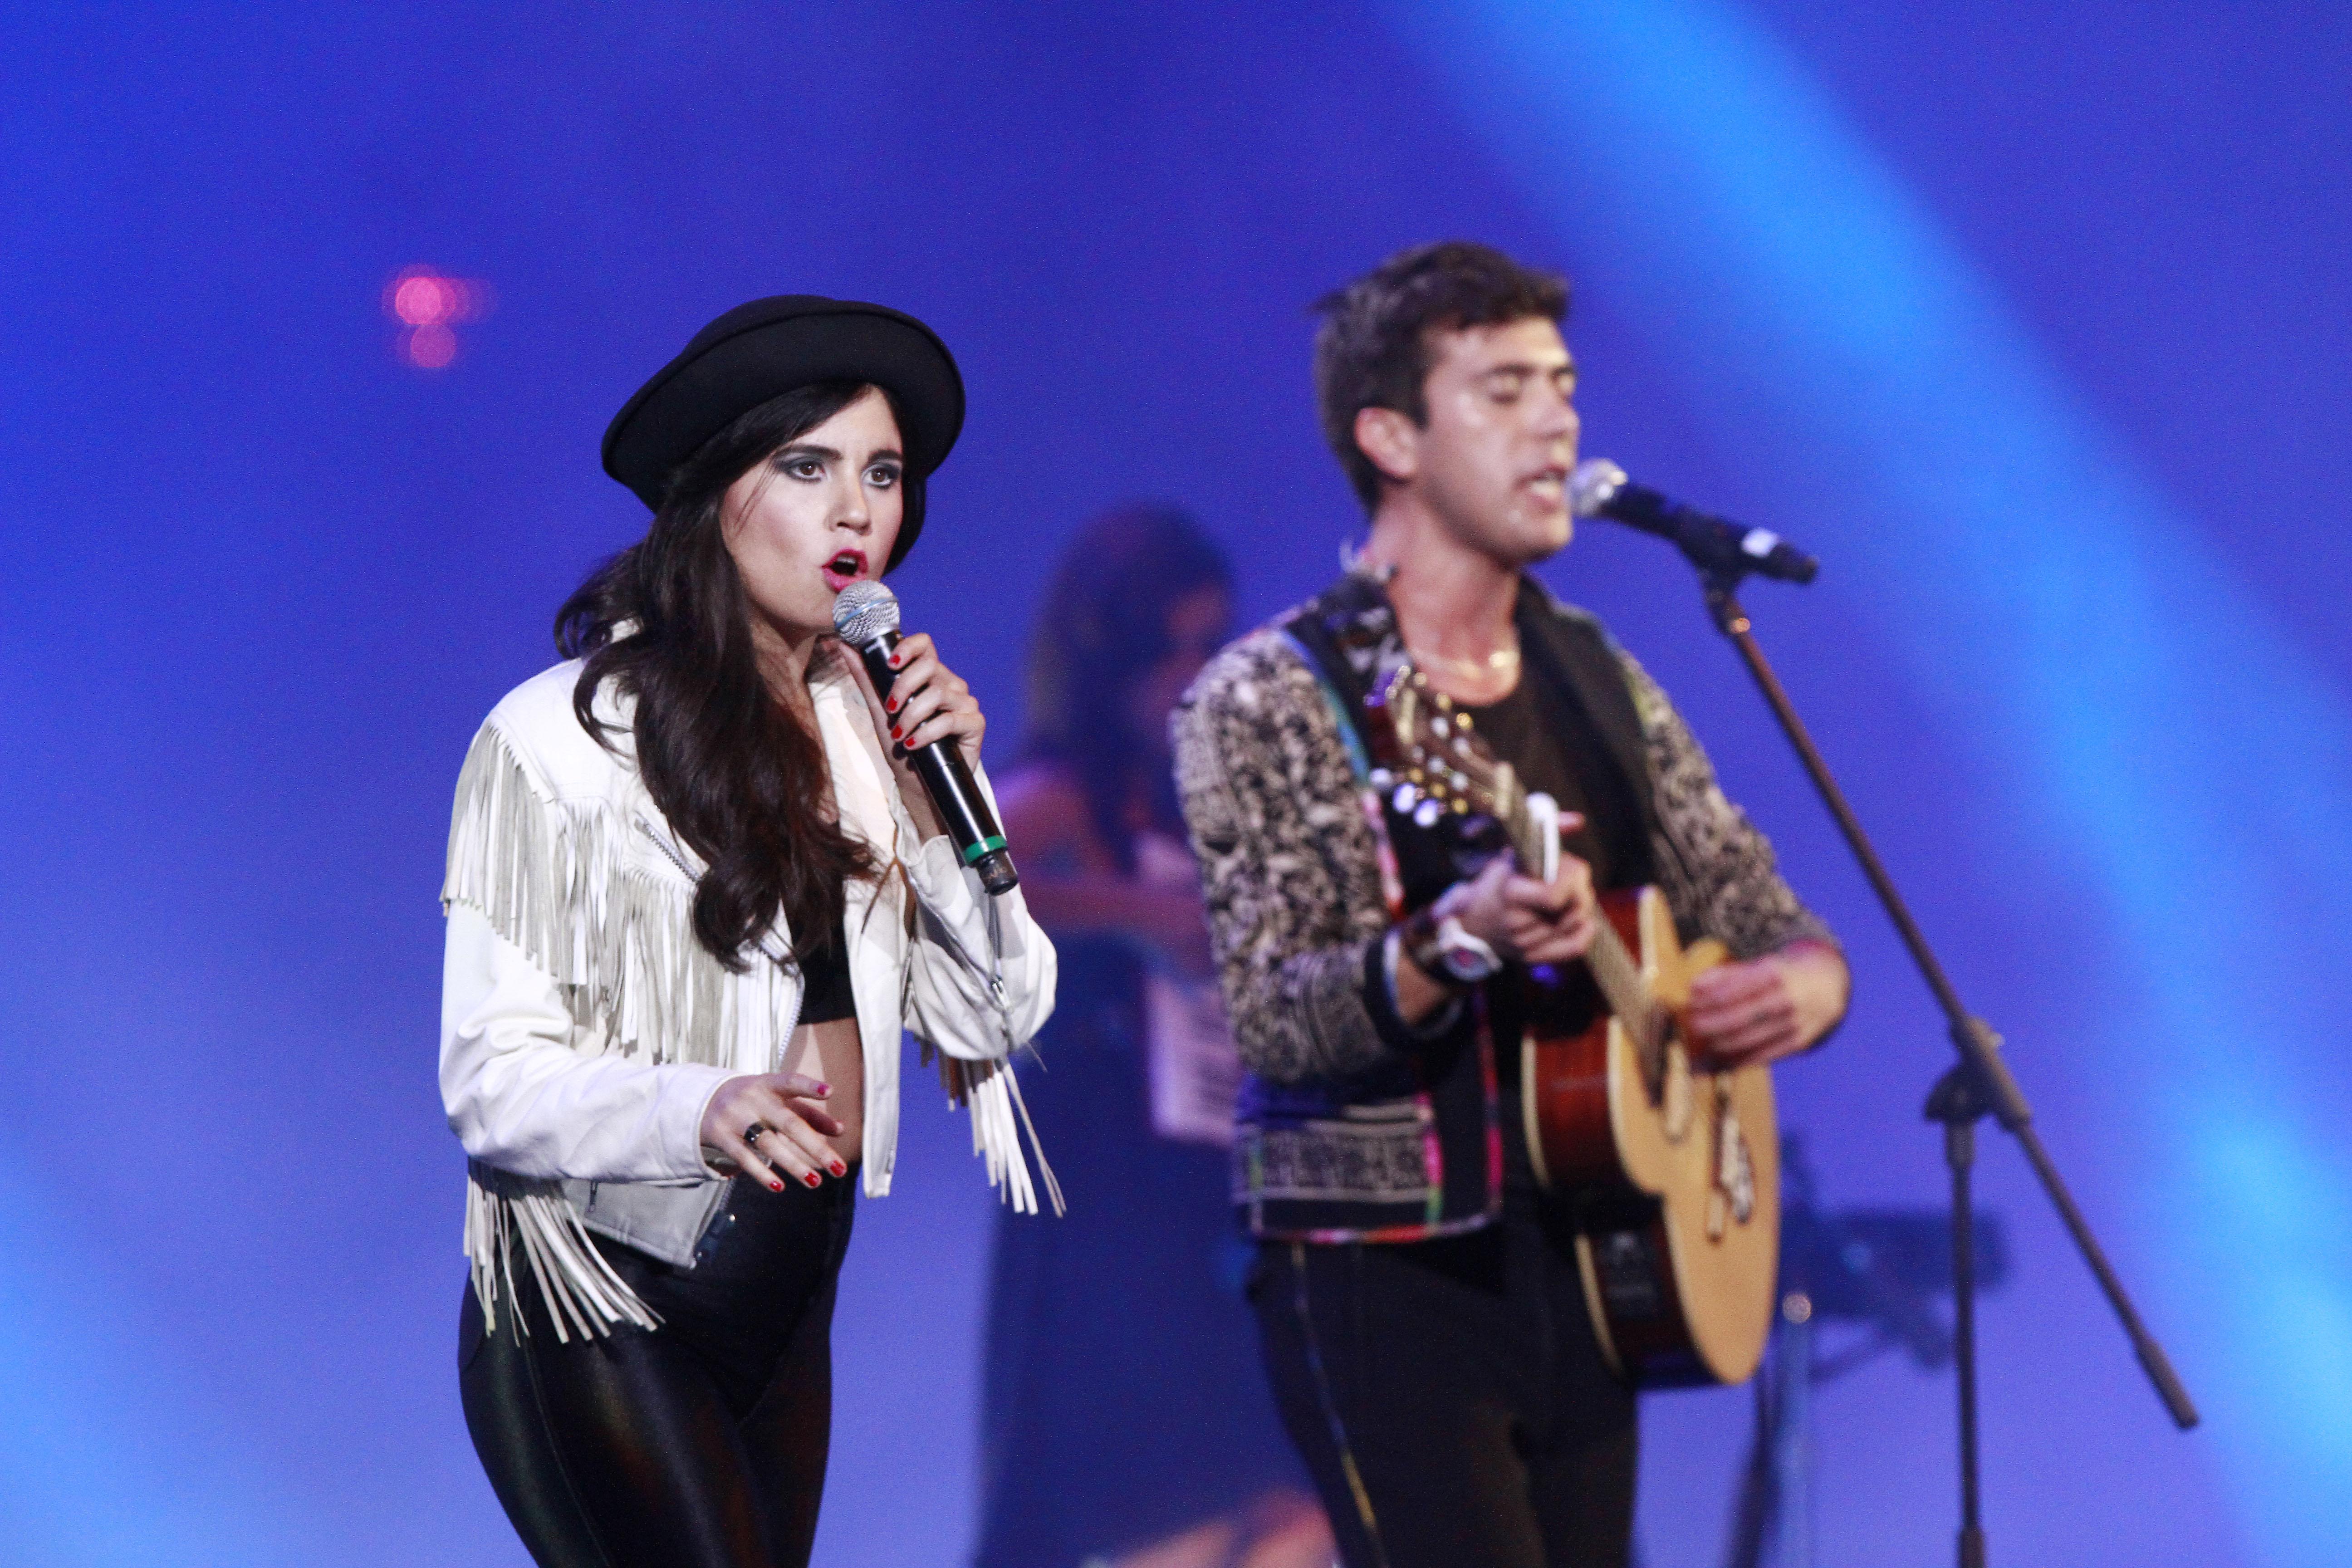 ¡Javiera Mena y Gepe darán concierto gratis en Mall Plaza Egaña!